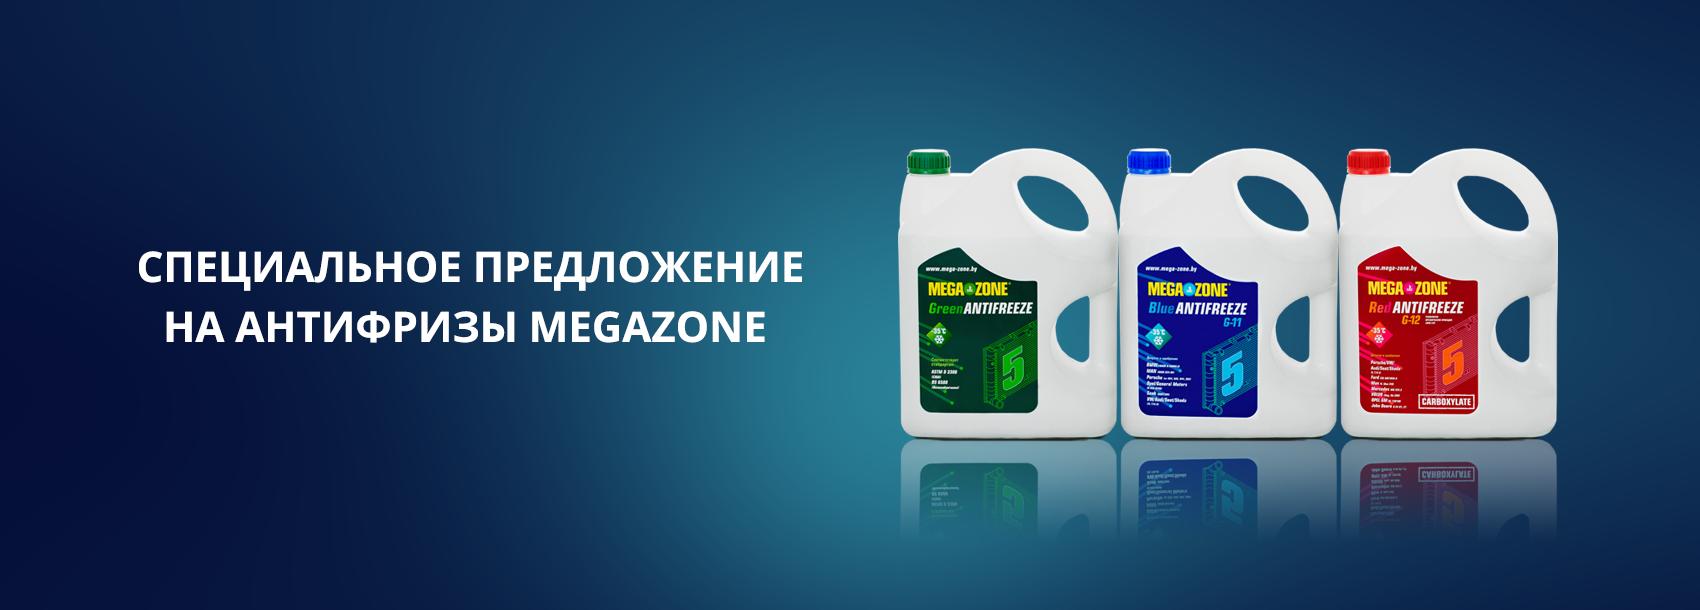 Антифризы MegaZone по специальным ценам